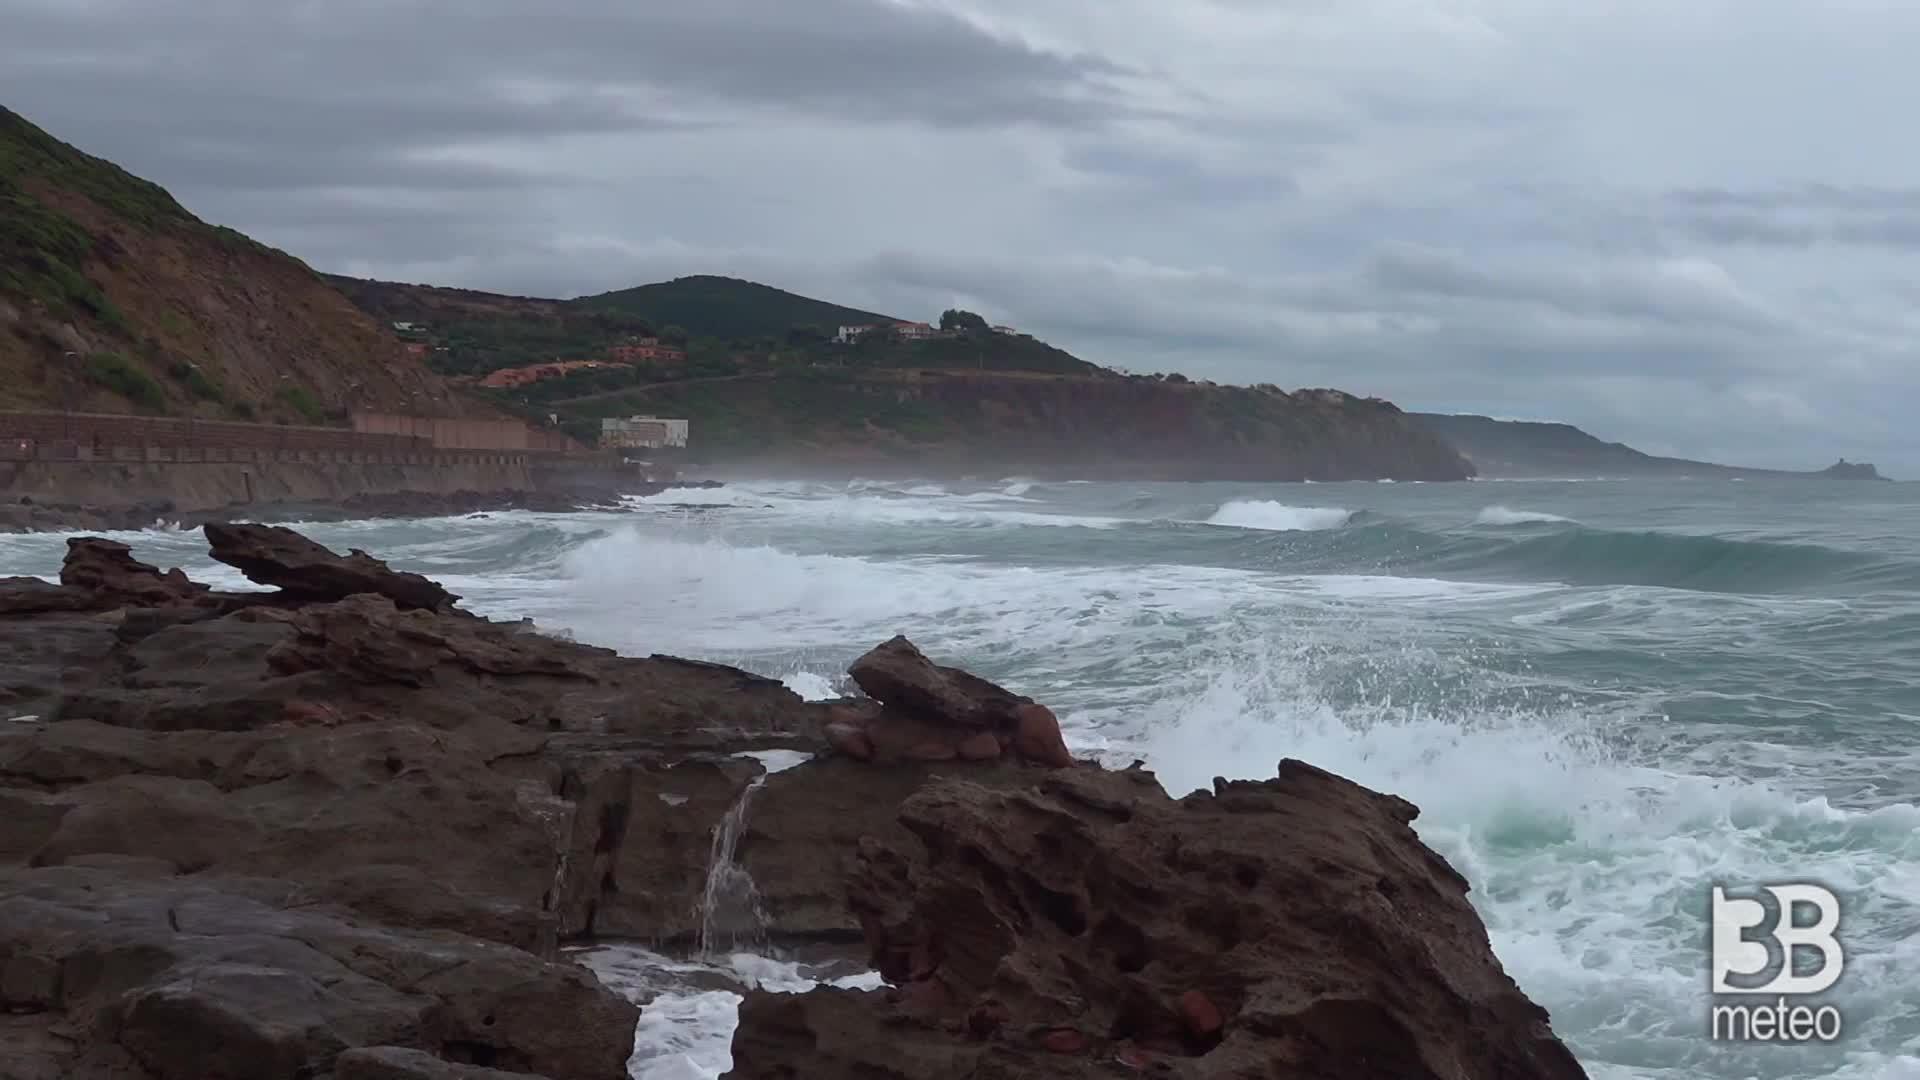 Cronaca METEO - Sardegna, prosegue il maltempo: temporali all alba. VIDEO